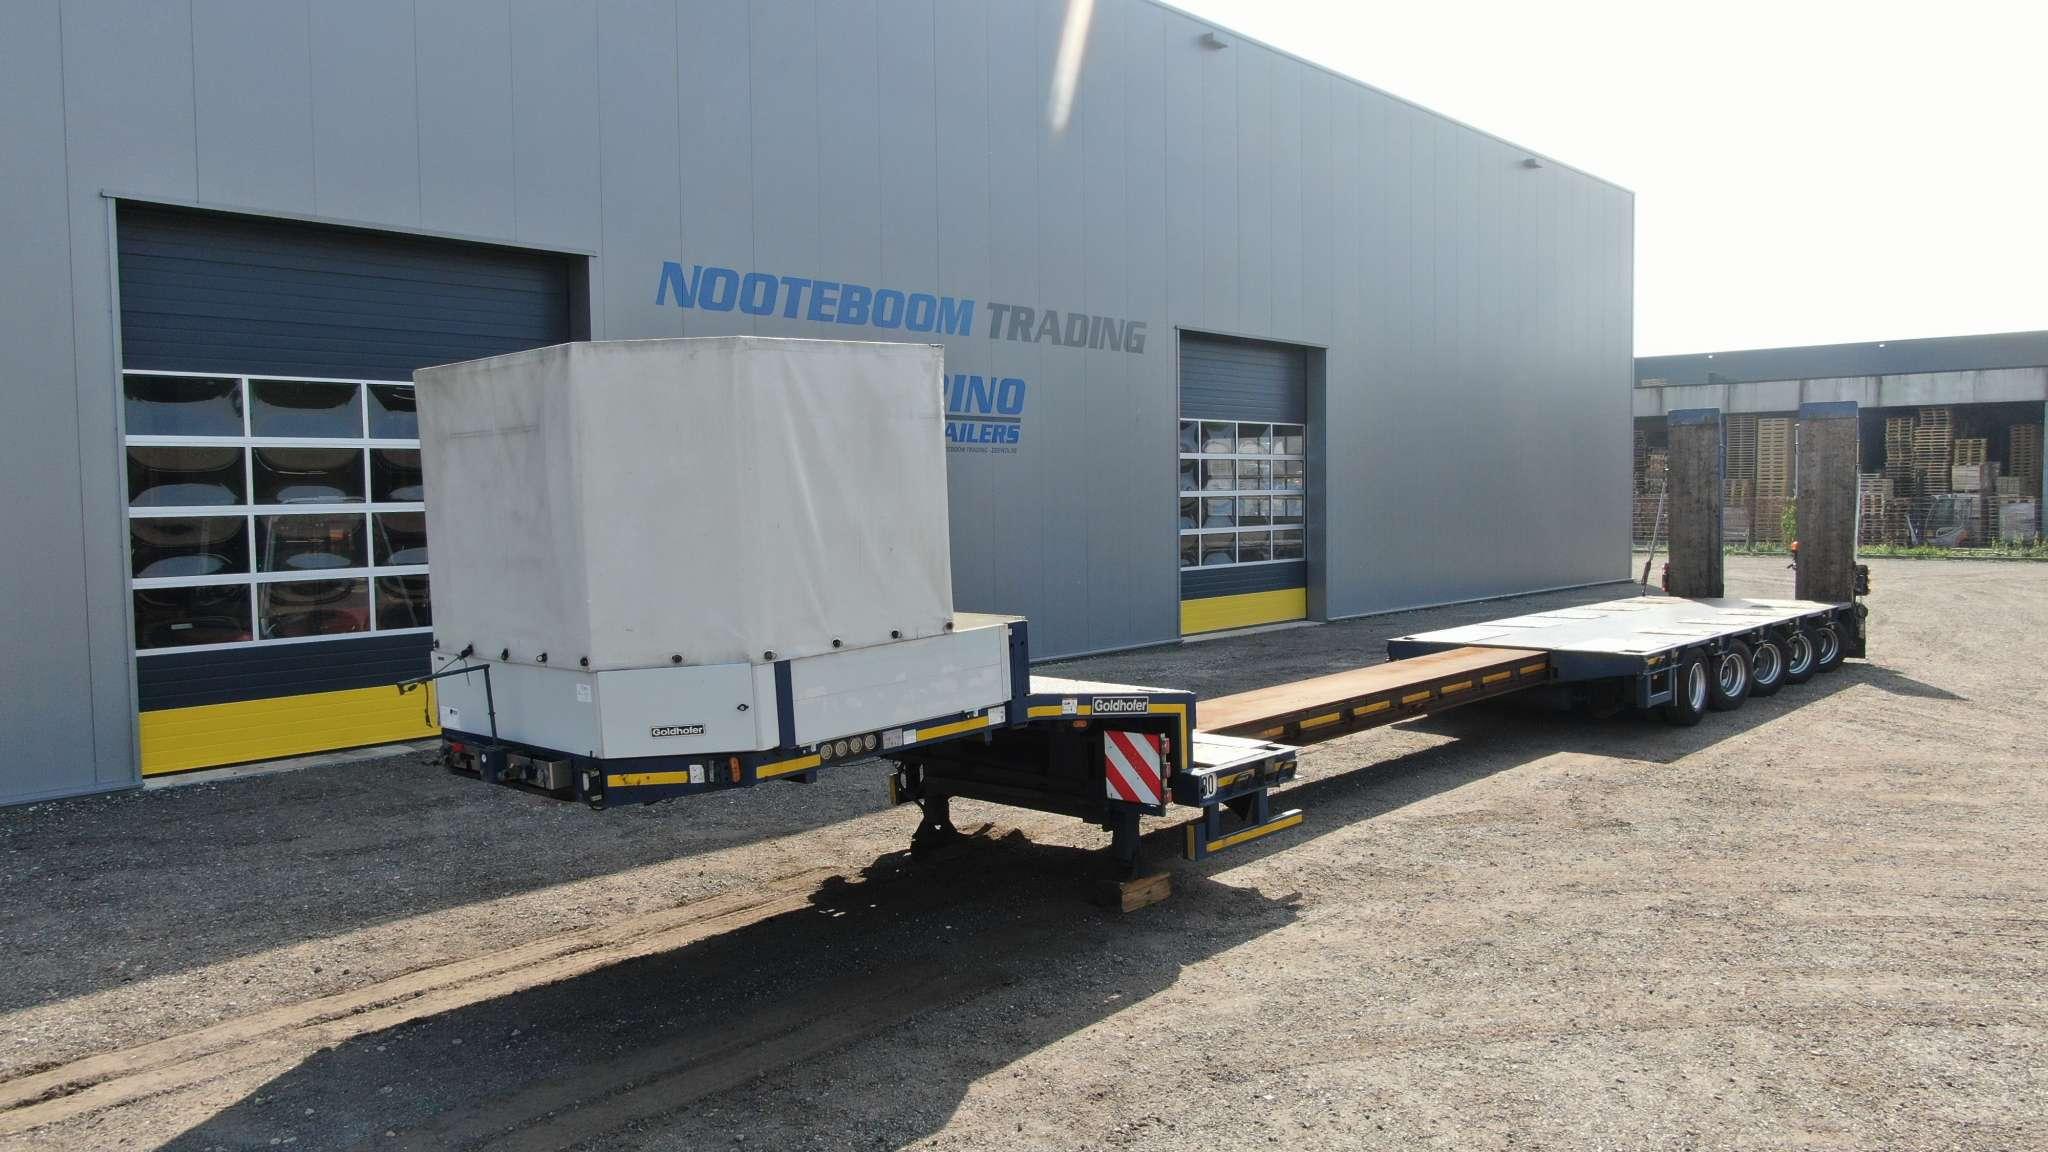 5-assige Goldhofer Semi dieplader | hydraulisch gestuurd | uitschuifbaar tot 14,8 | laadvermogen 64,5 ton